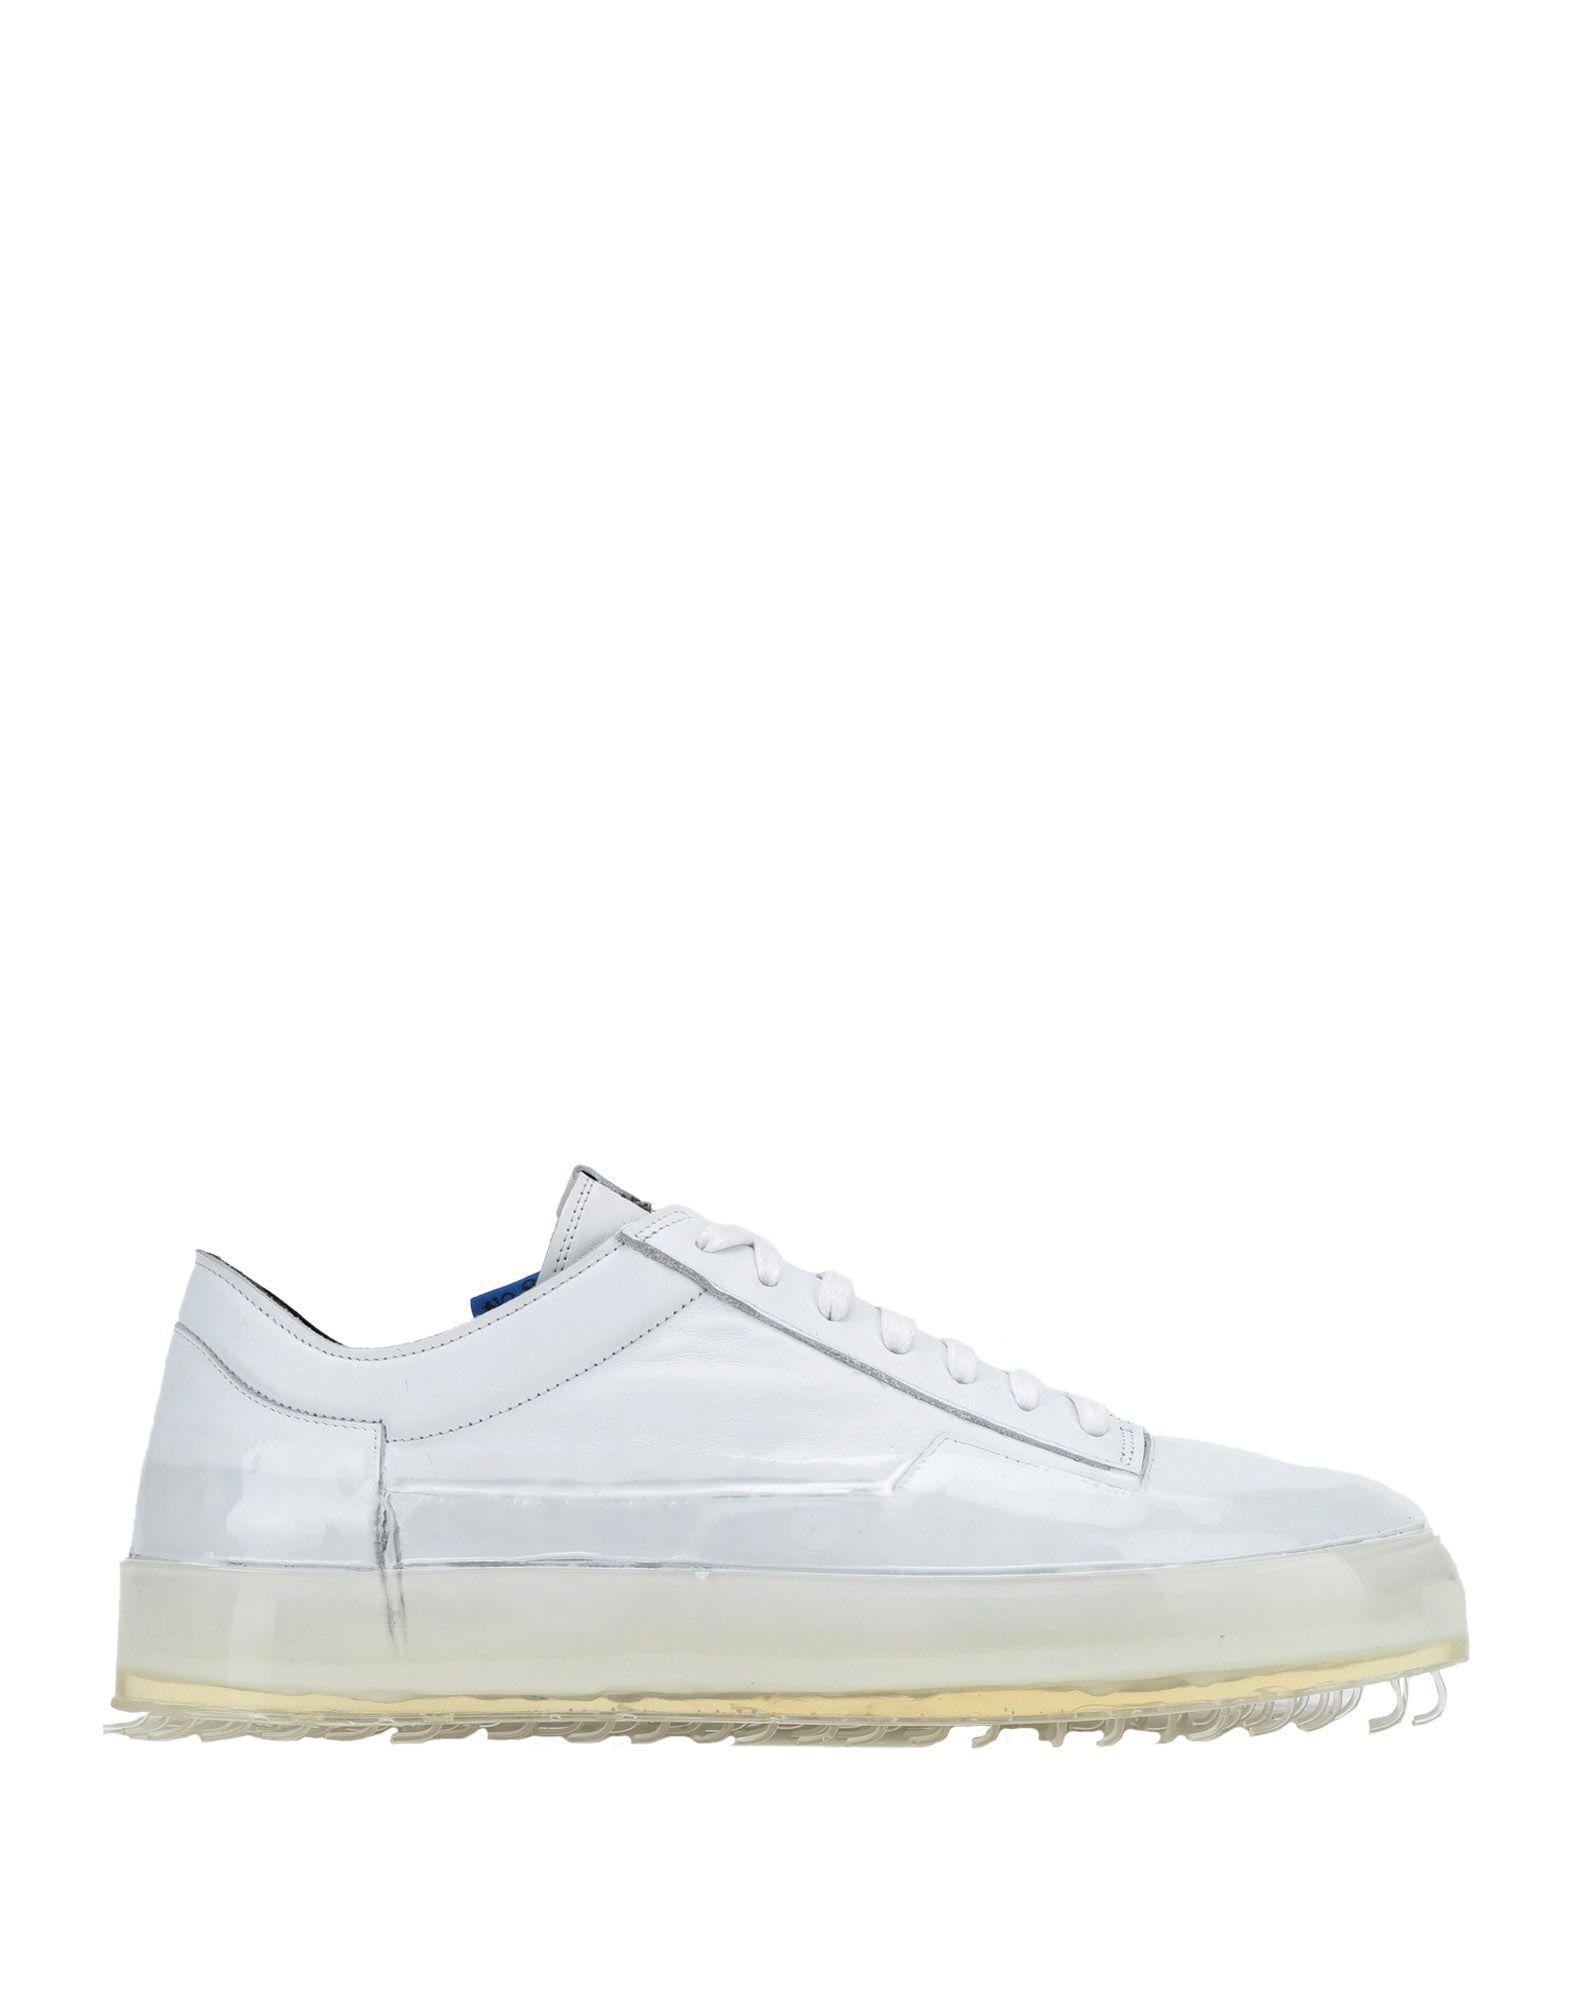 Rubber Soul Sneakers Herren beliebte  11540891TK Gute Qualität beliebte Herren Schuhe 246633